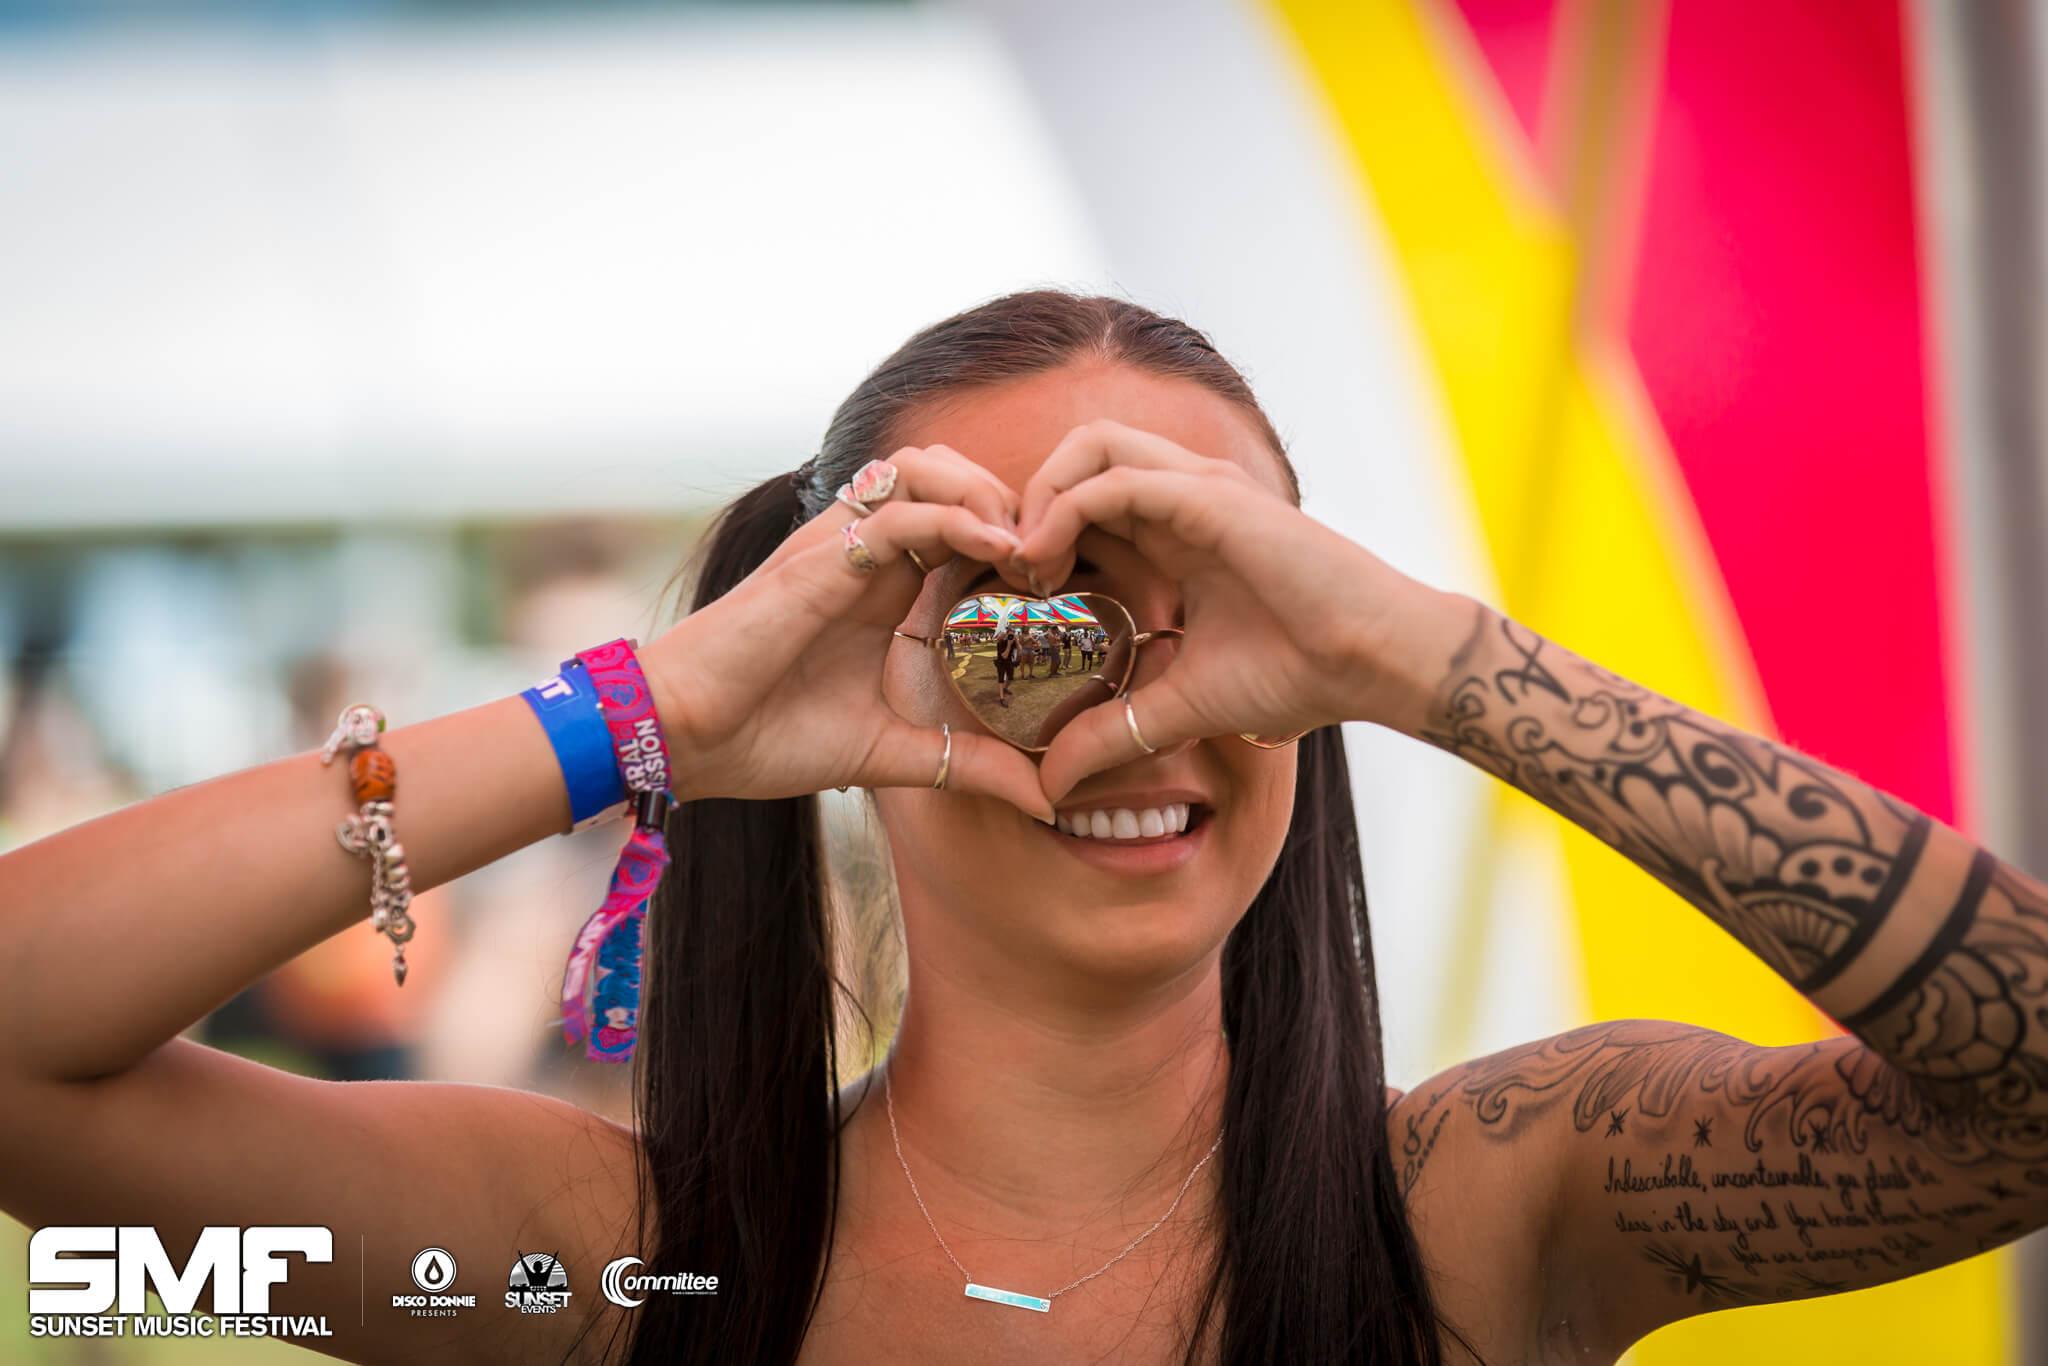 fan with heart hands